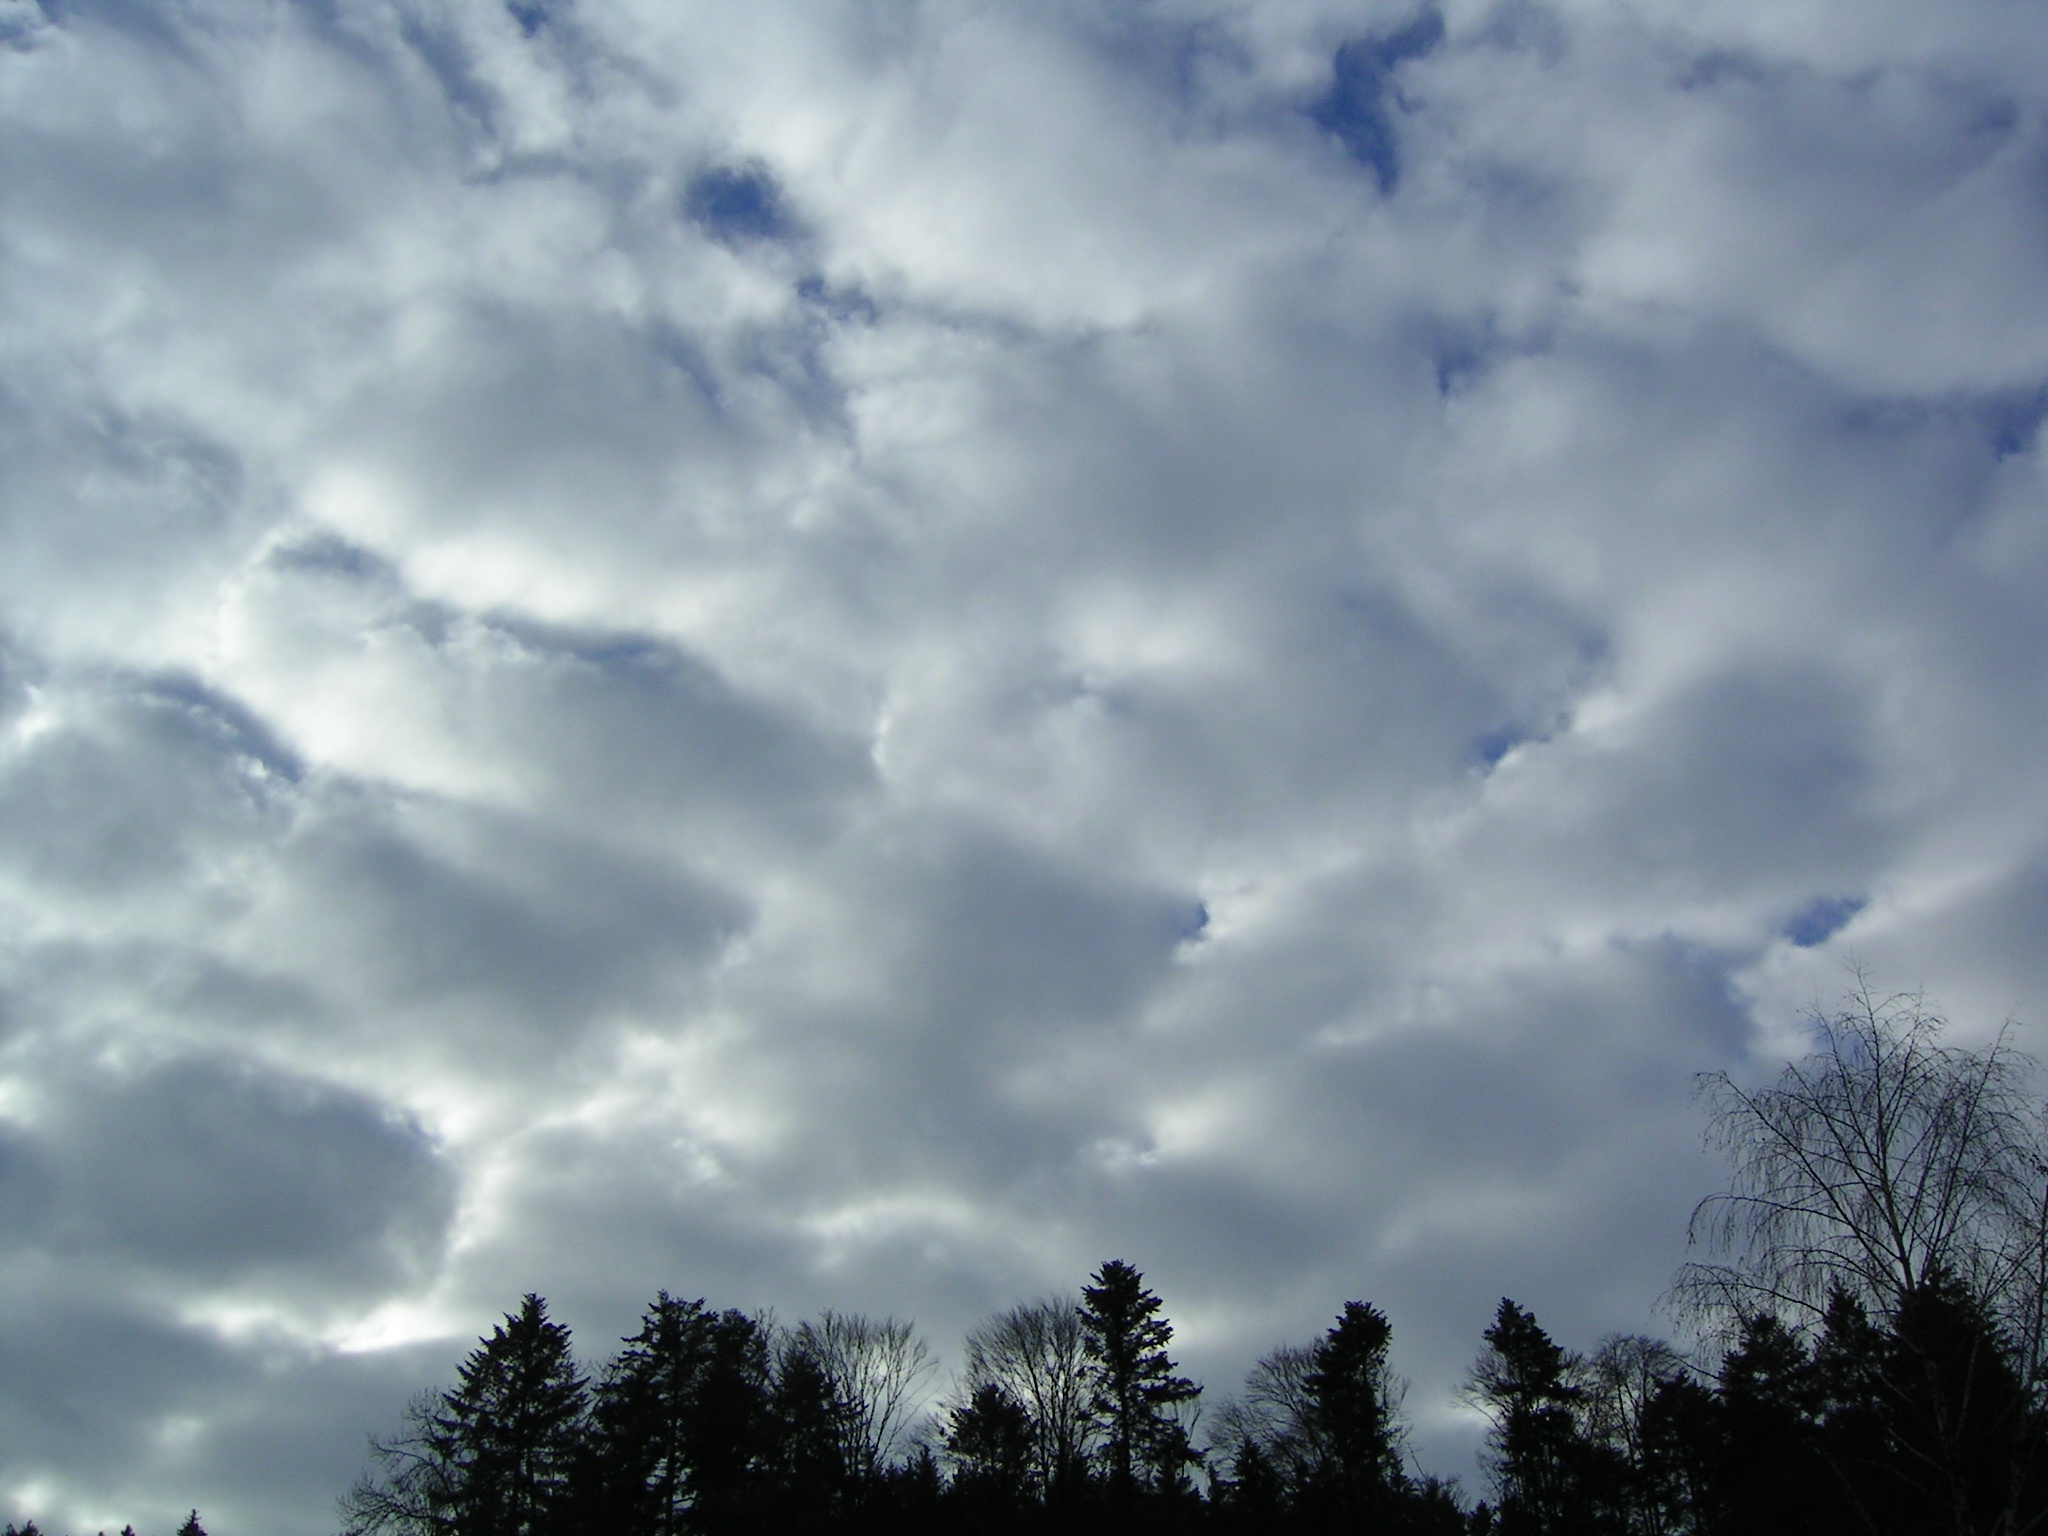 Cloud Type Description What kind of weather? Picture ... |Stratocumulus Clouds Description